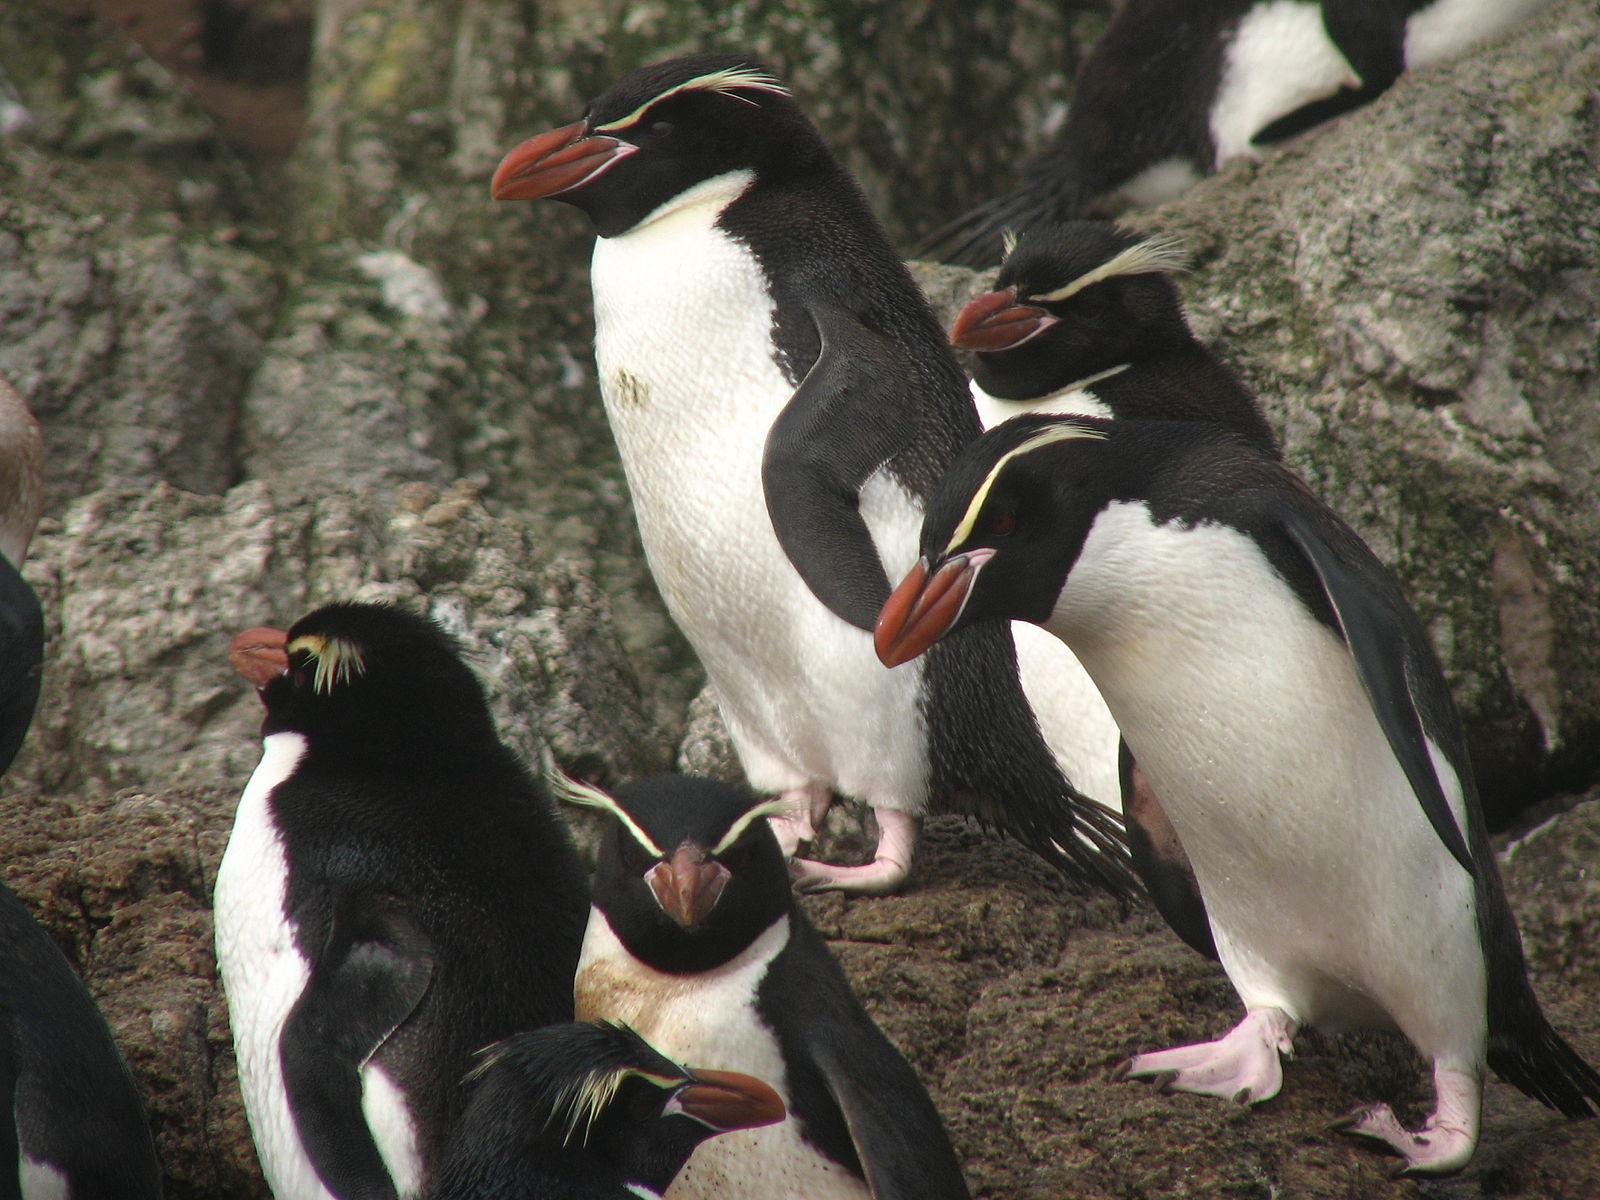 スネアーズペンギン(ハシブトペンギン)